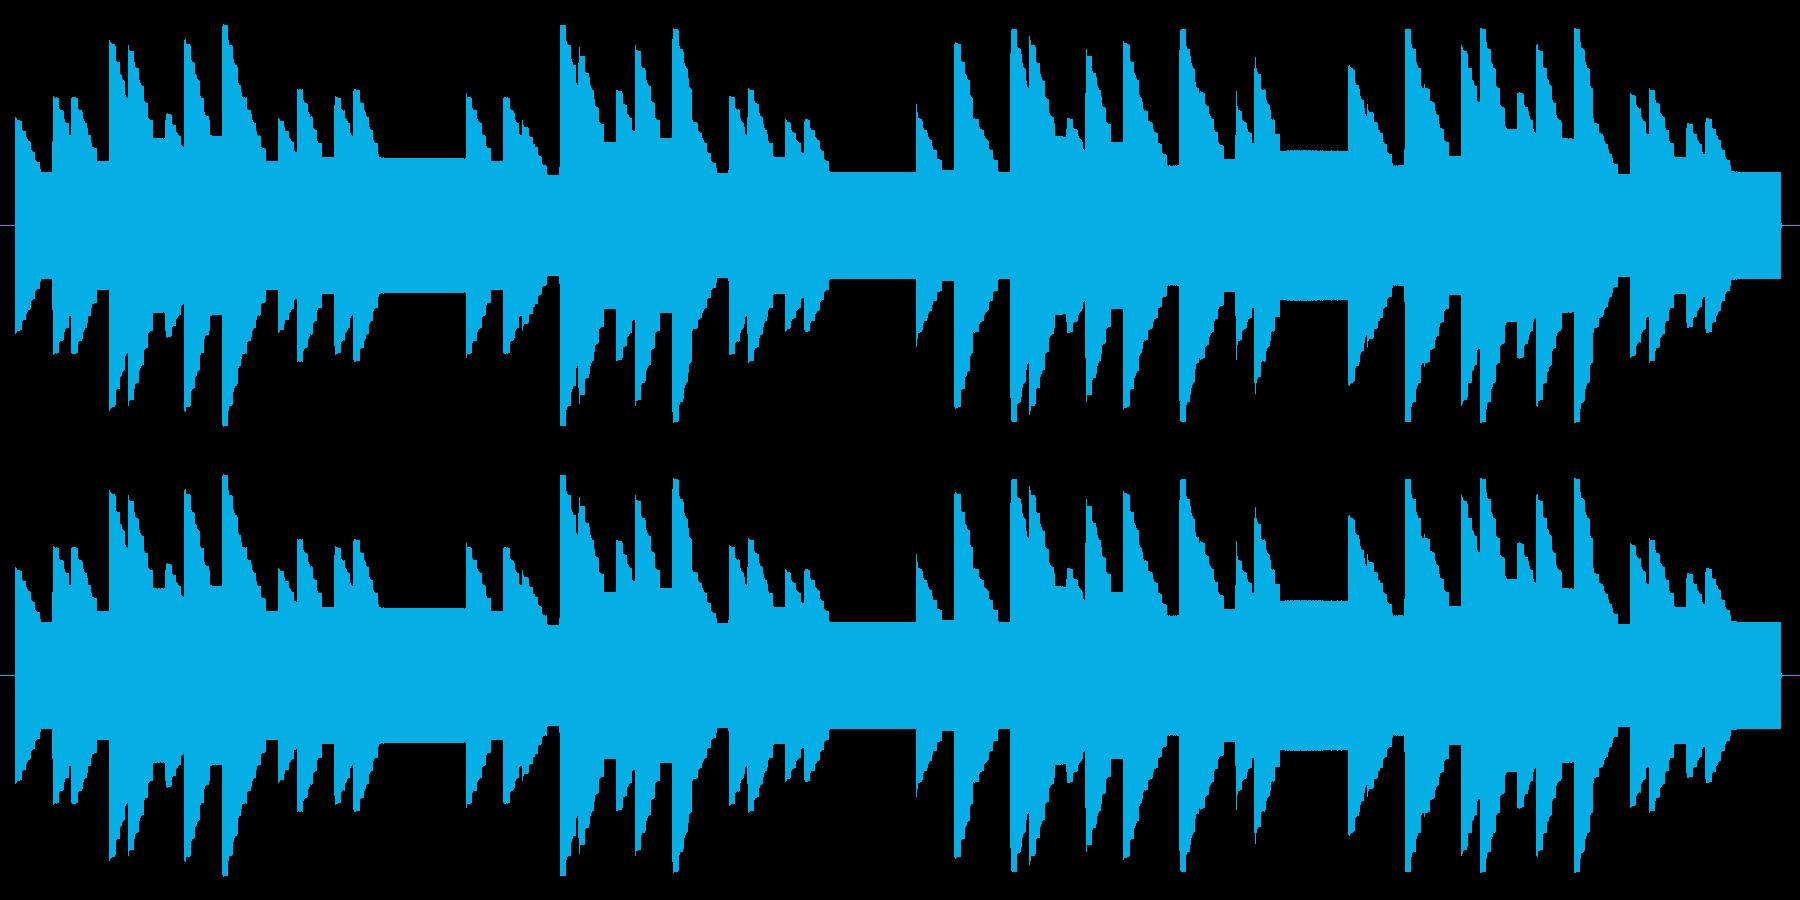 横断歩道 誘導音02-2の再生済みの波形